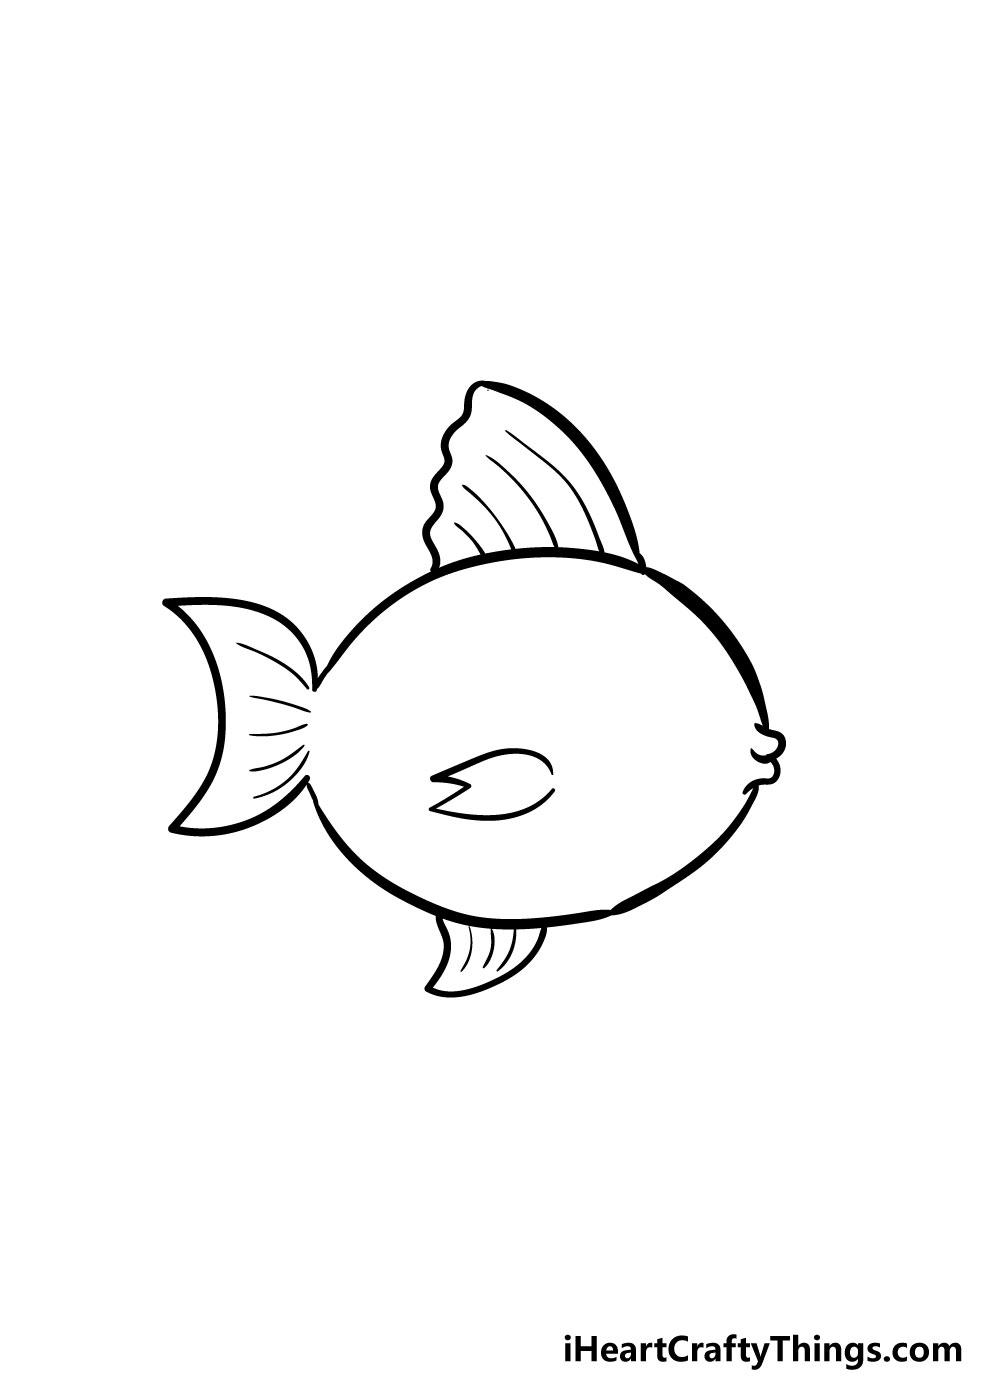 fish drawing step 5